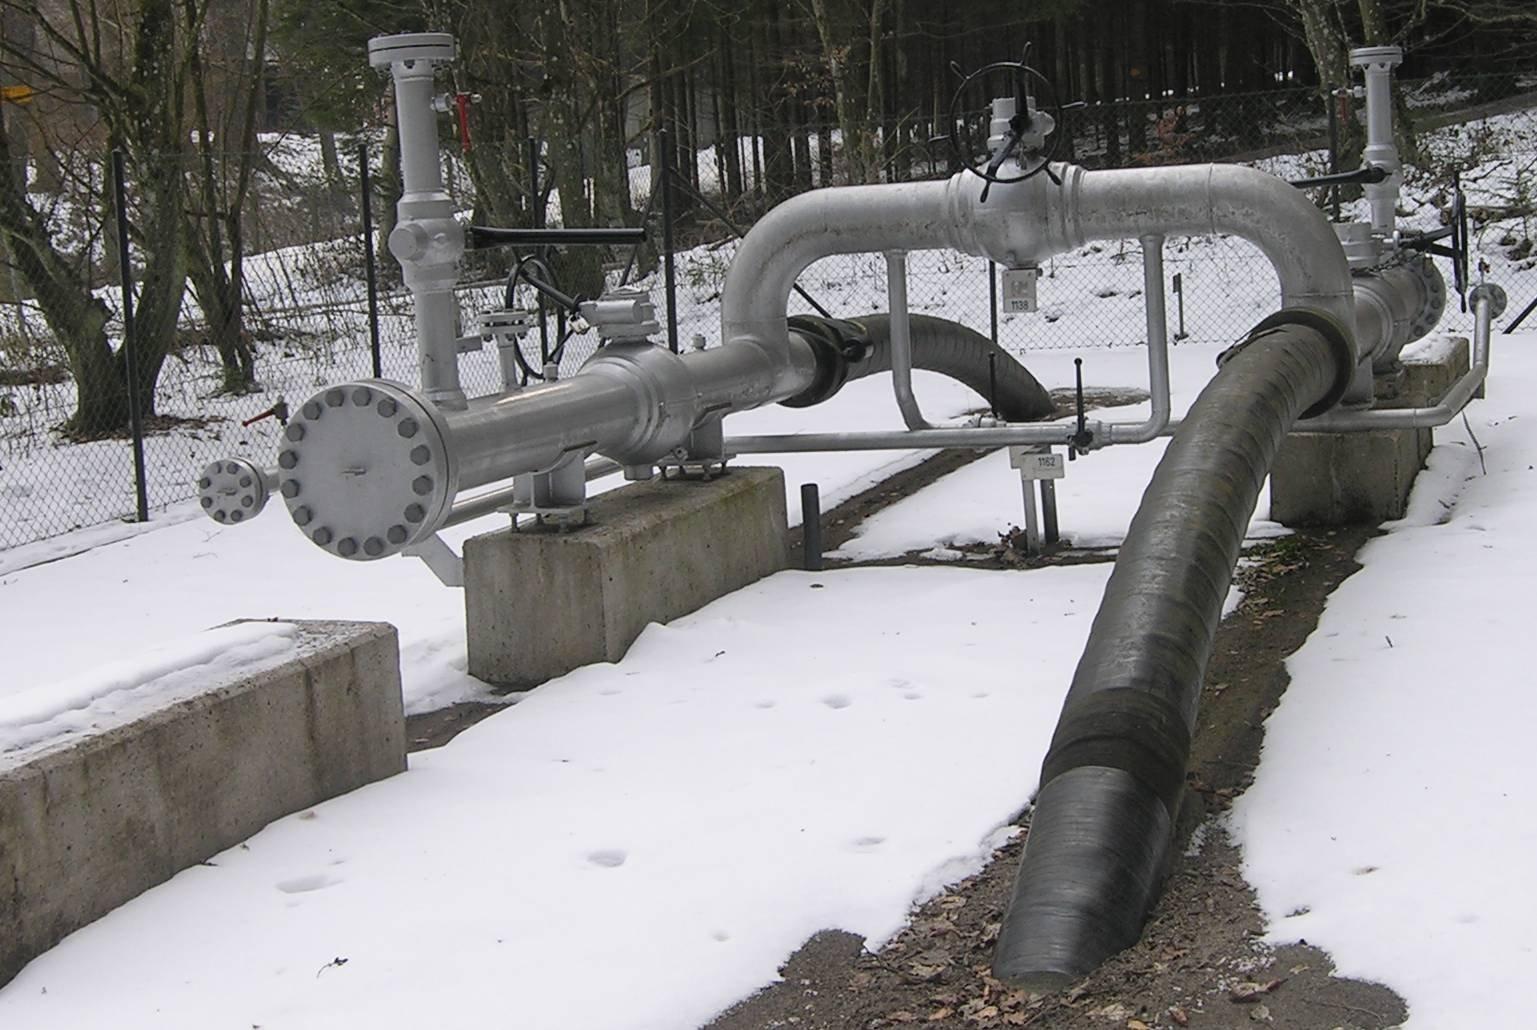 Pipeline_device